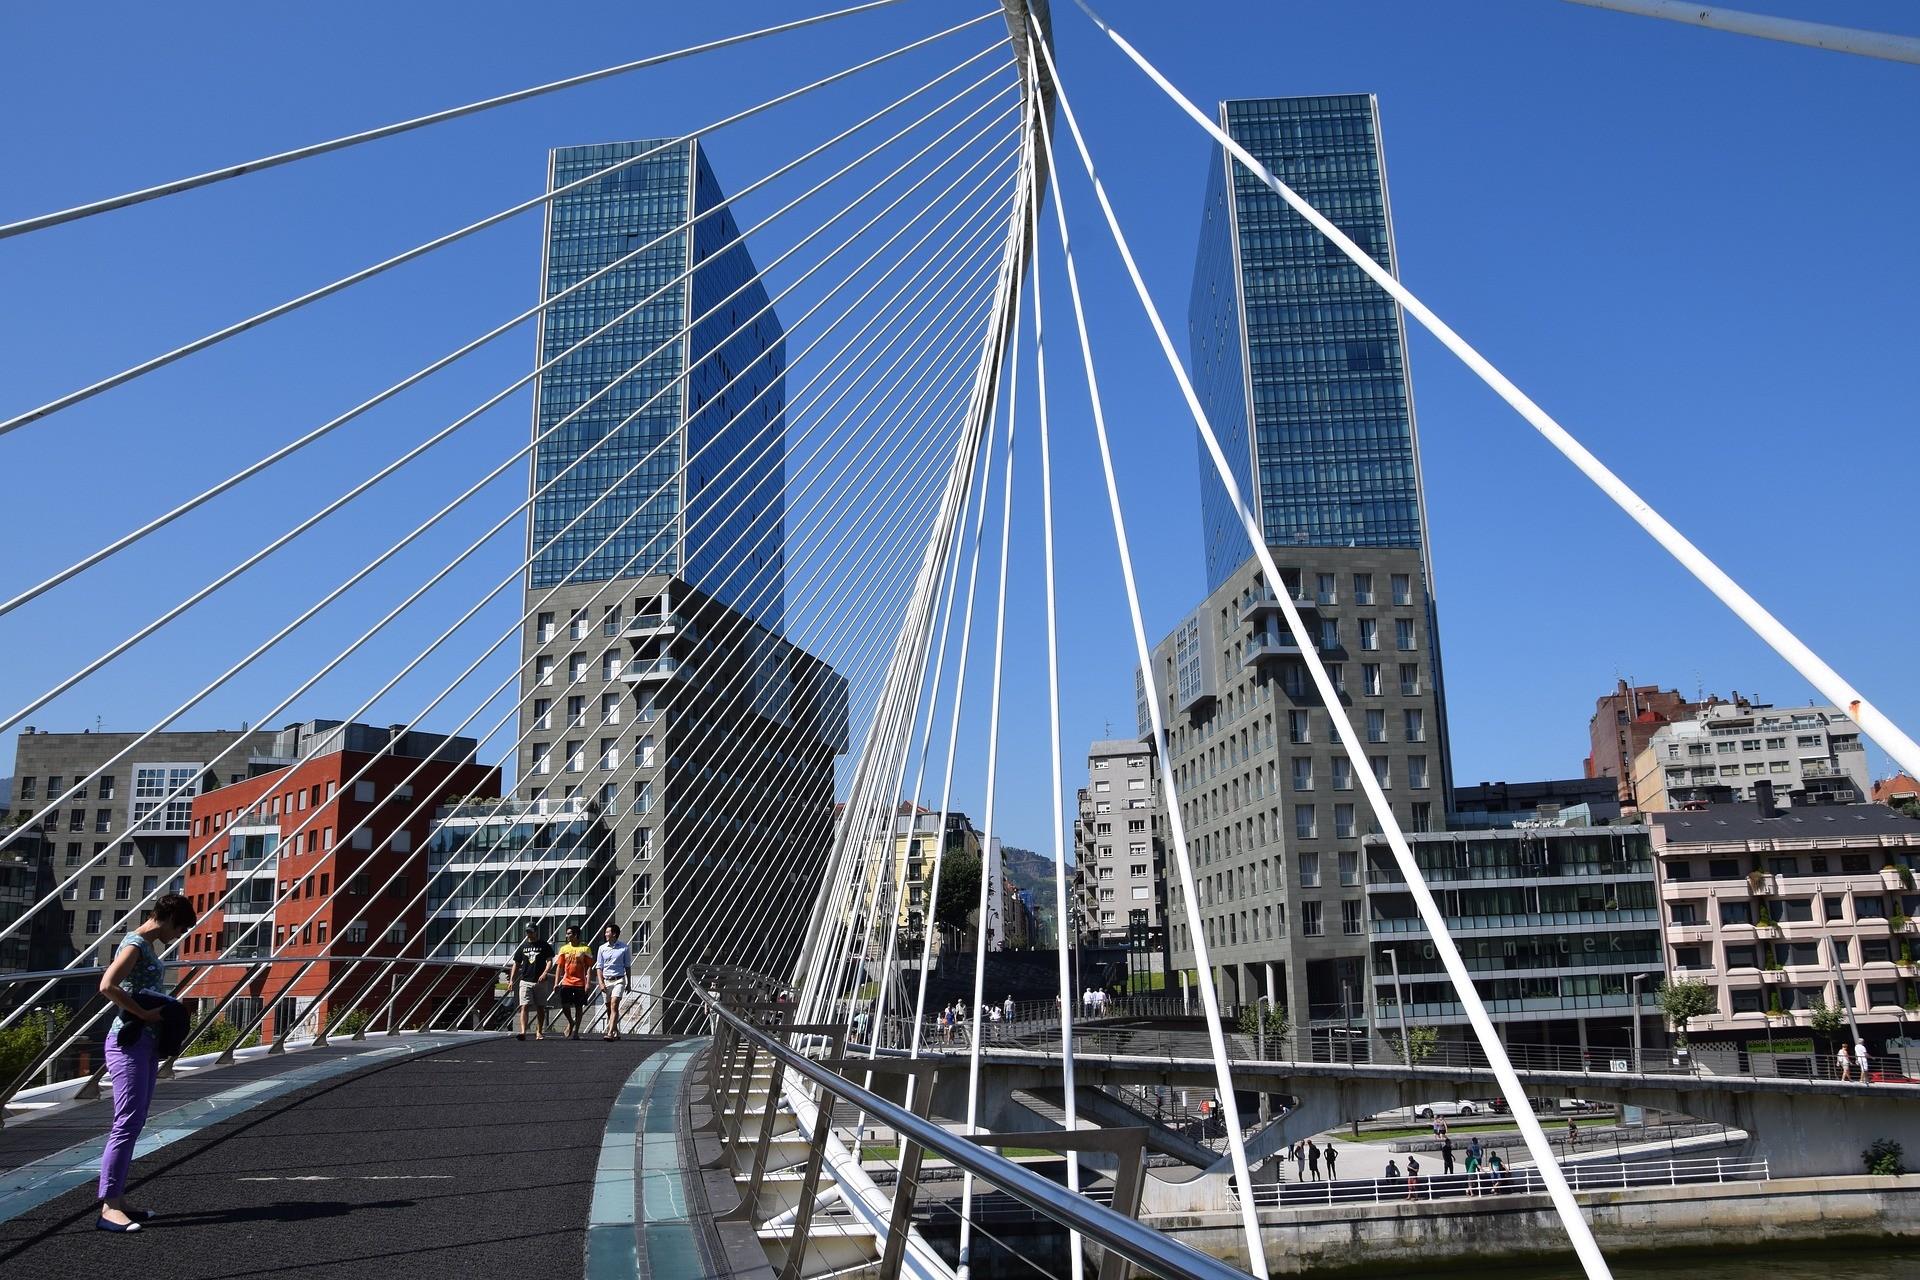 Zubizuri, Bilbao - Foto di Michael Schüller